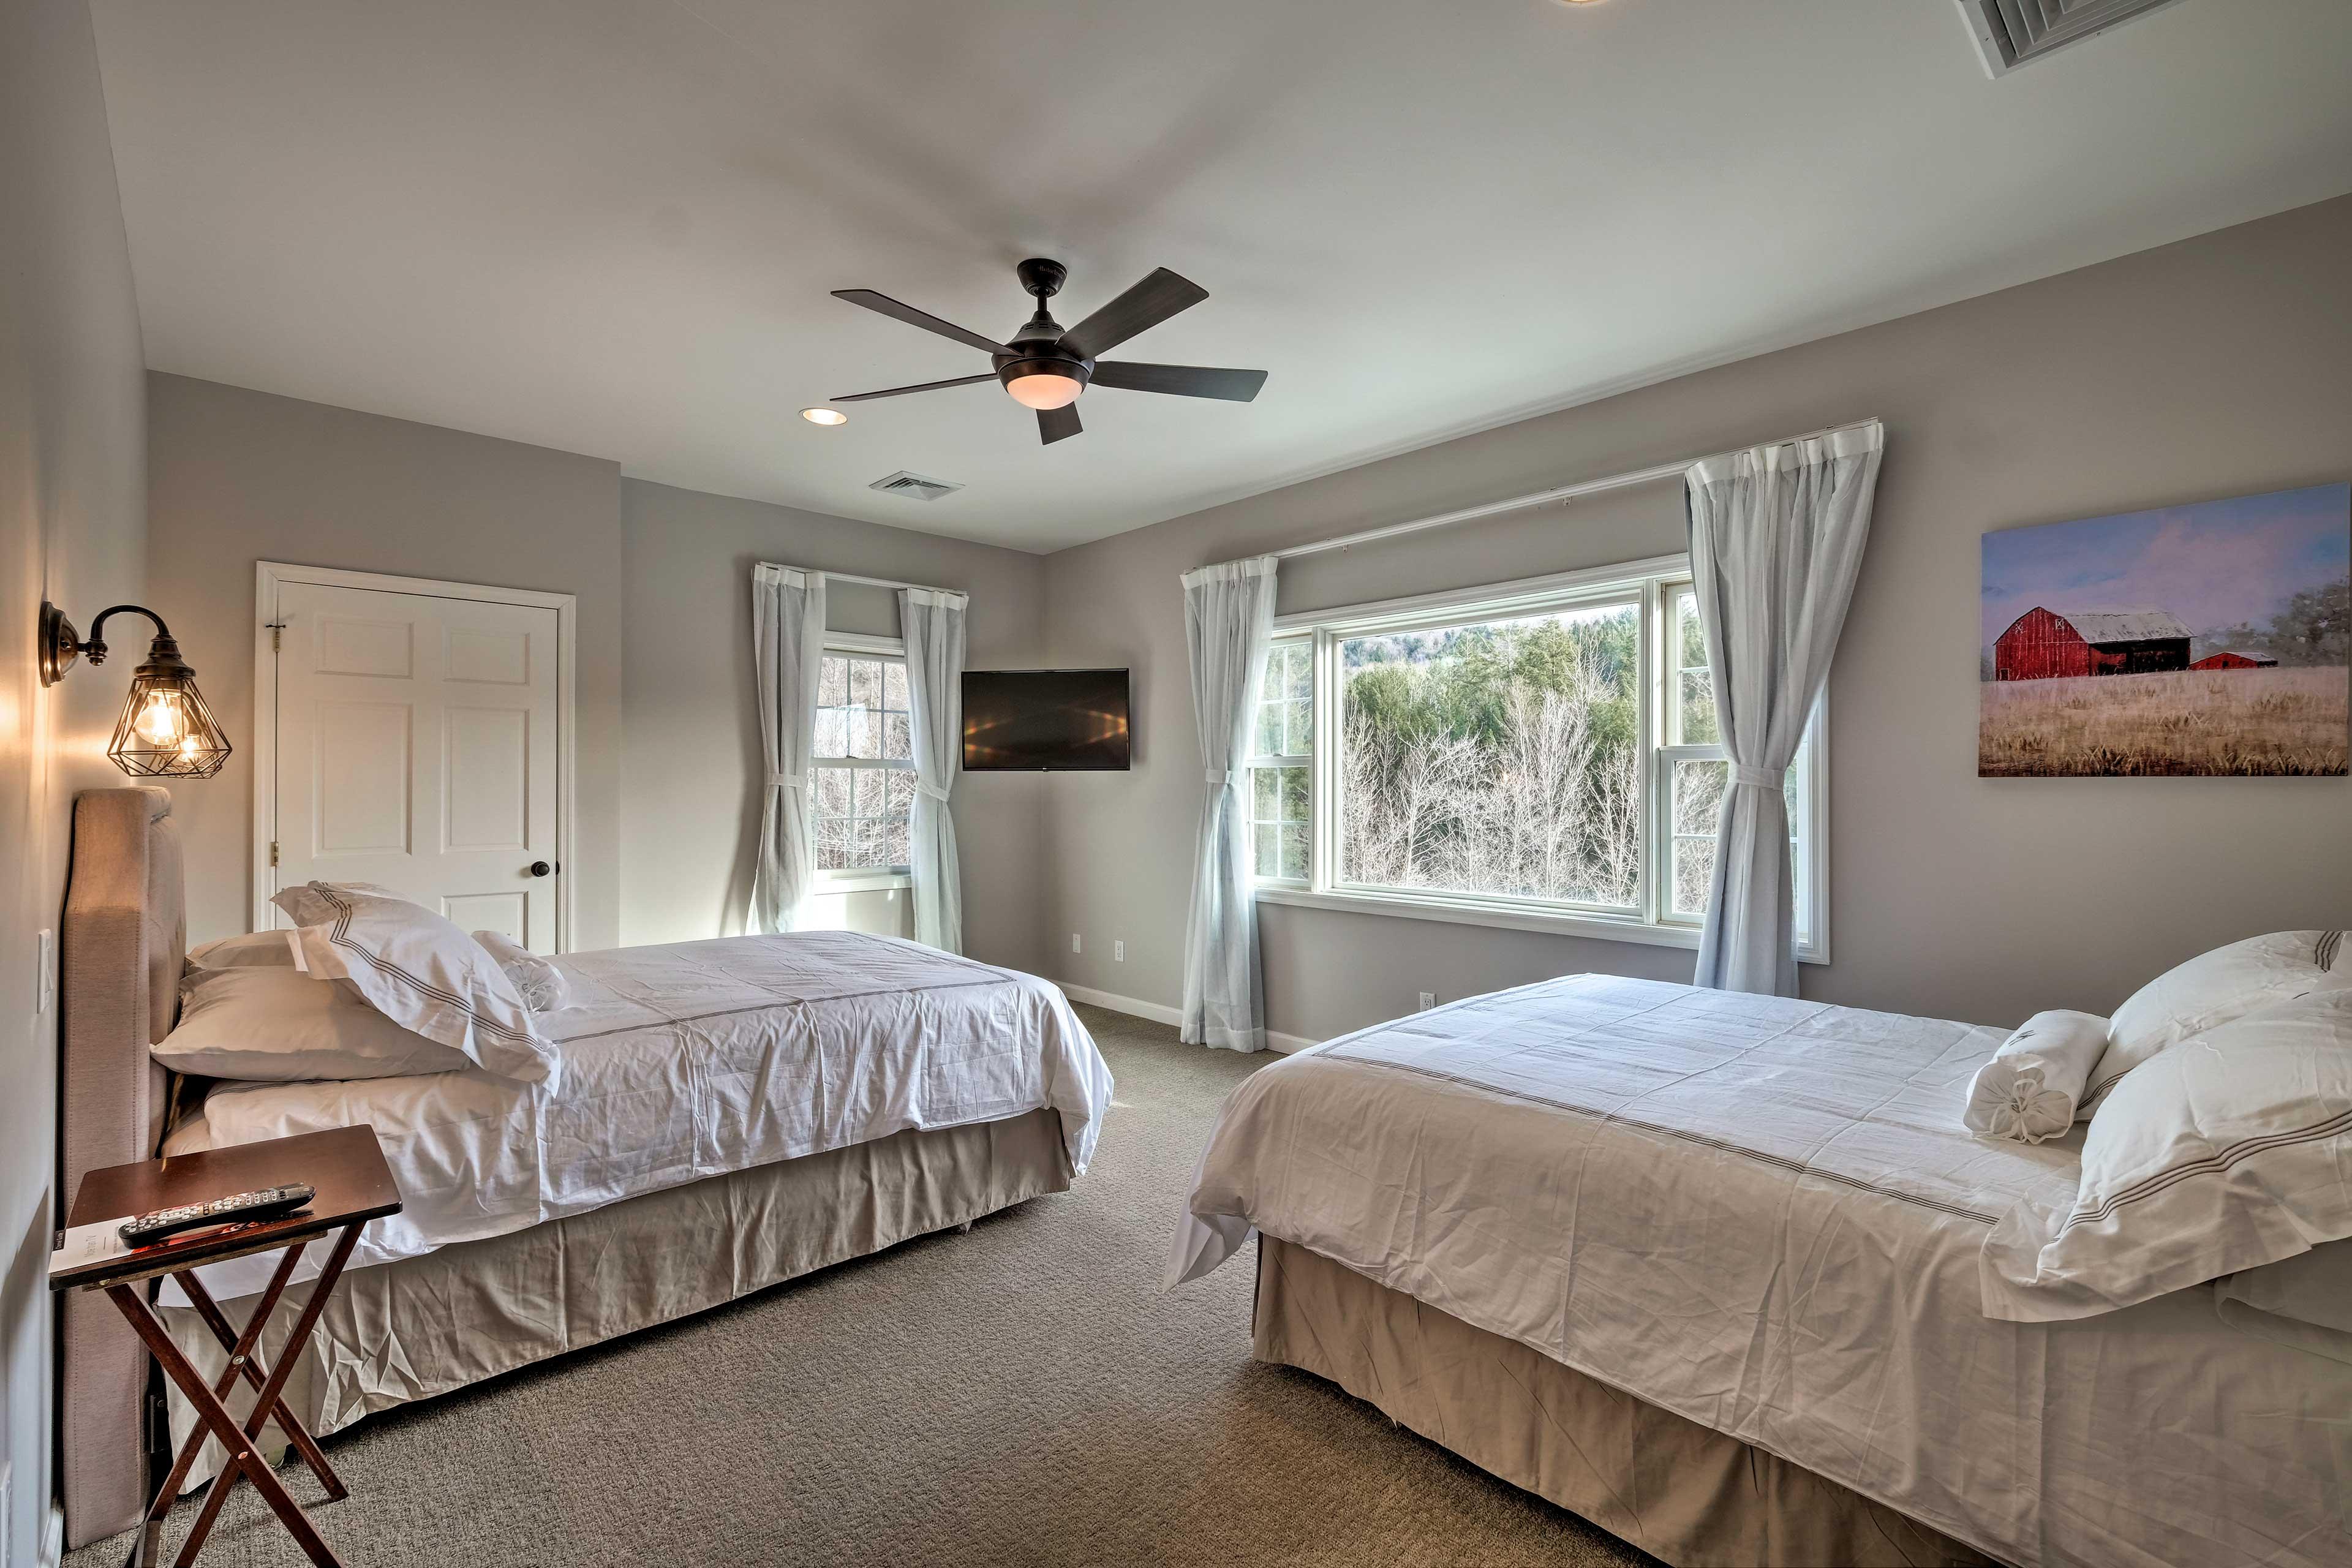 Bedroom 10: 2 queen beds, flat-screen TV